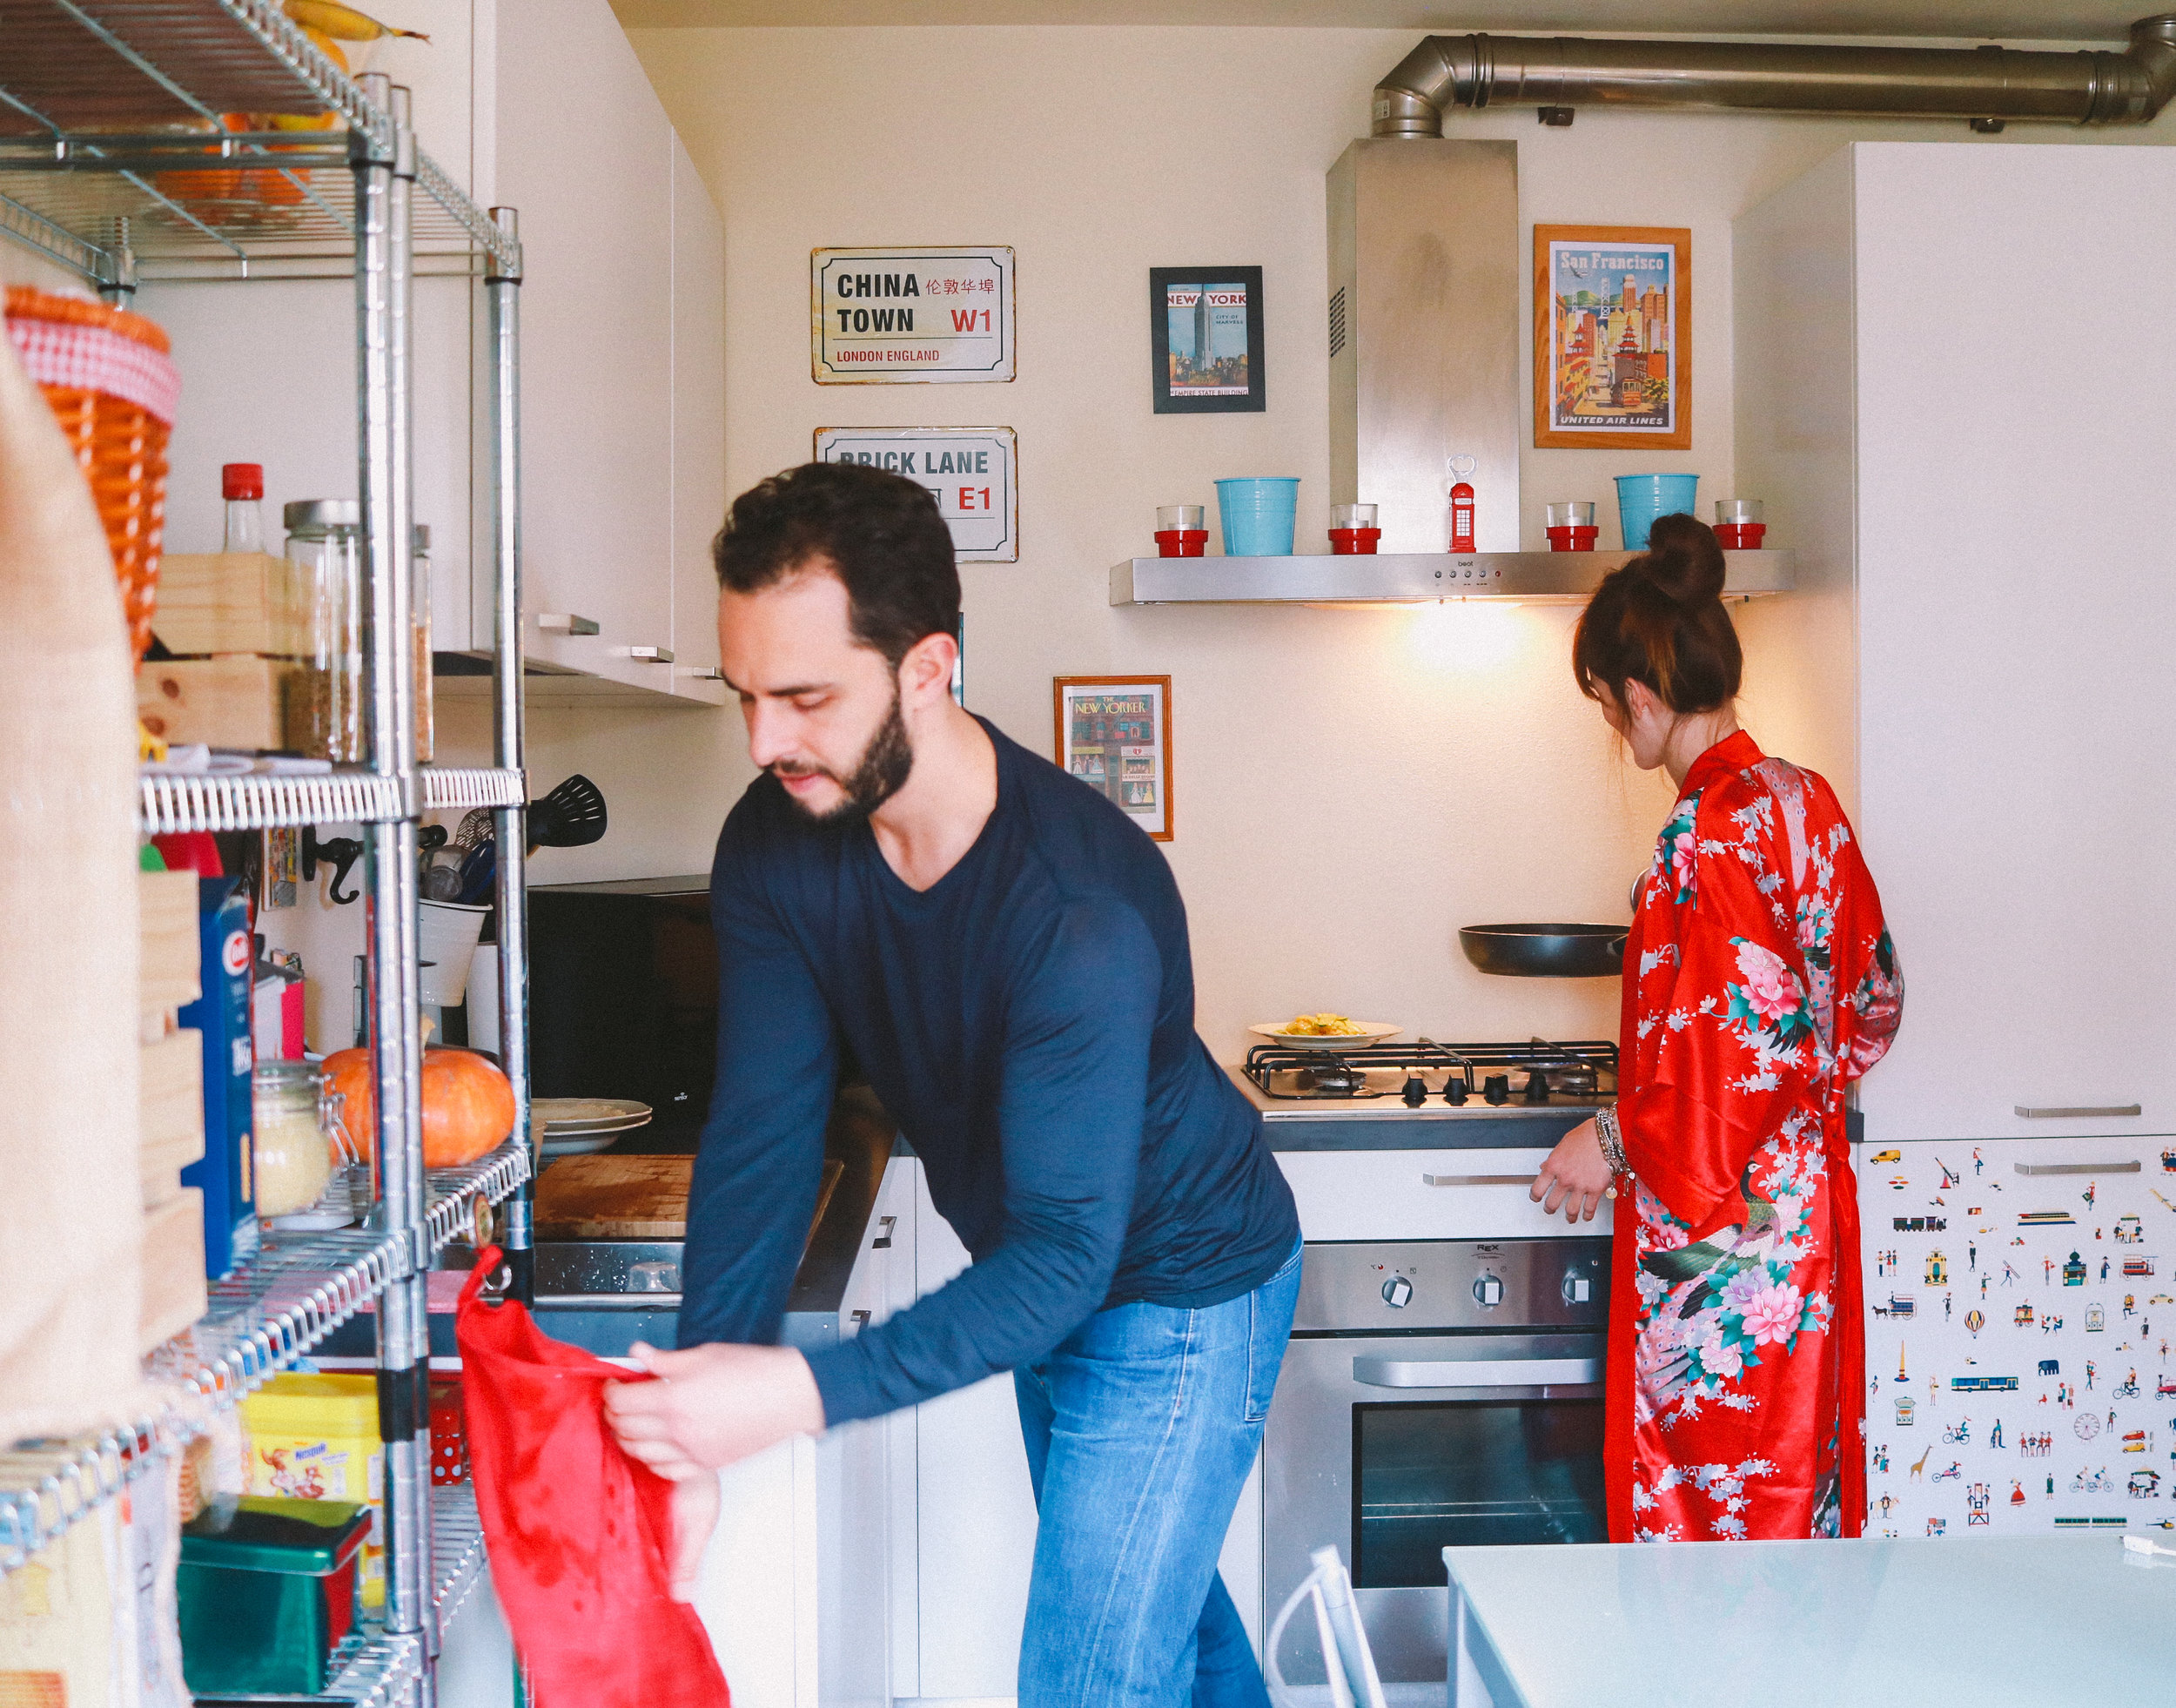 Coppia-Cucina-12.jpg